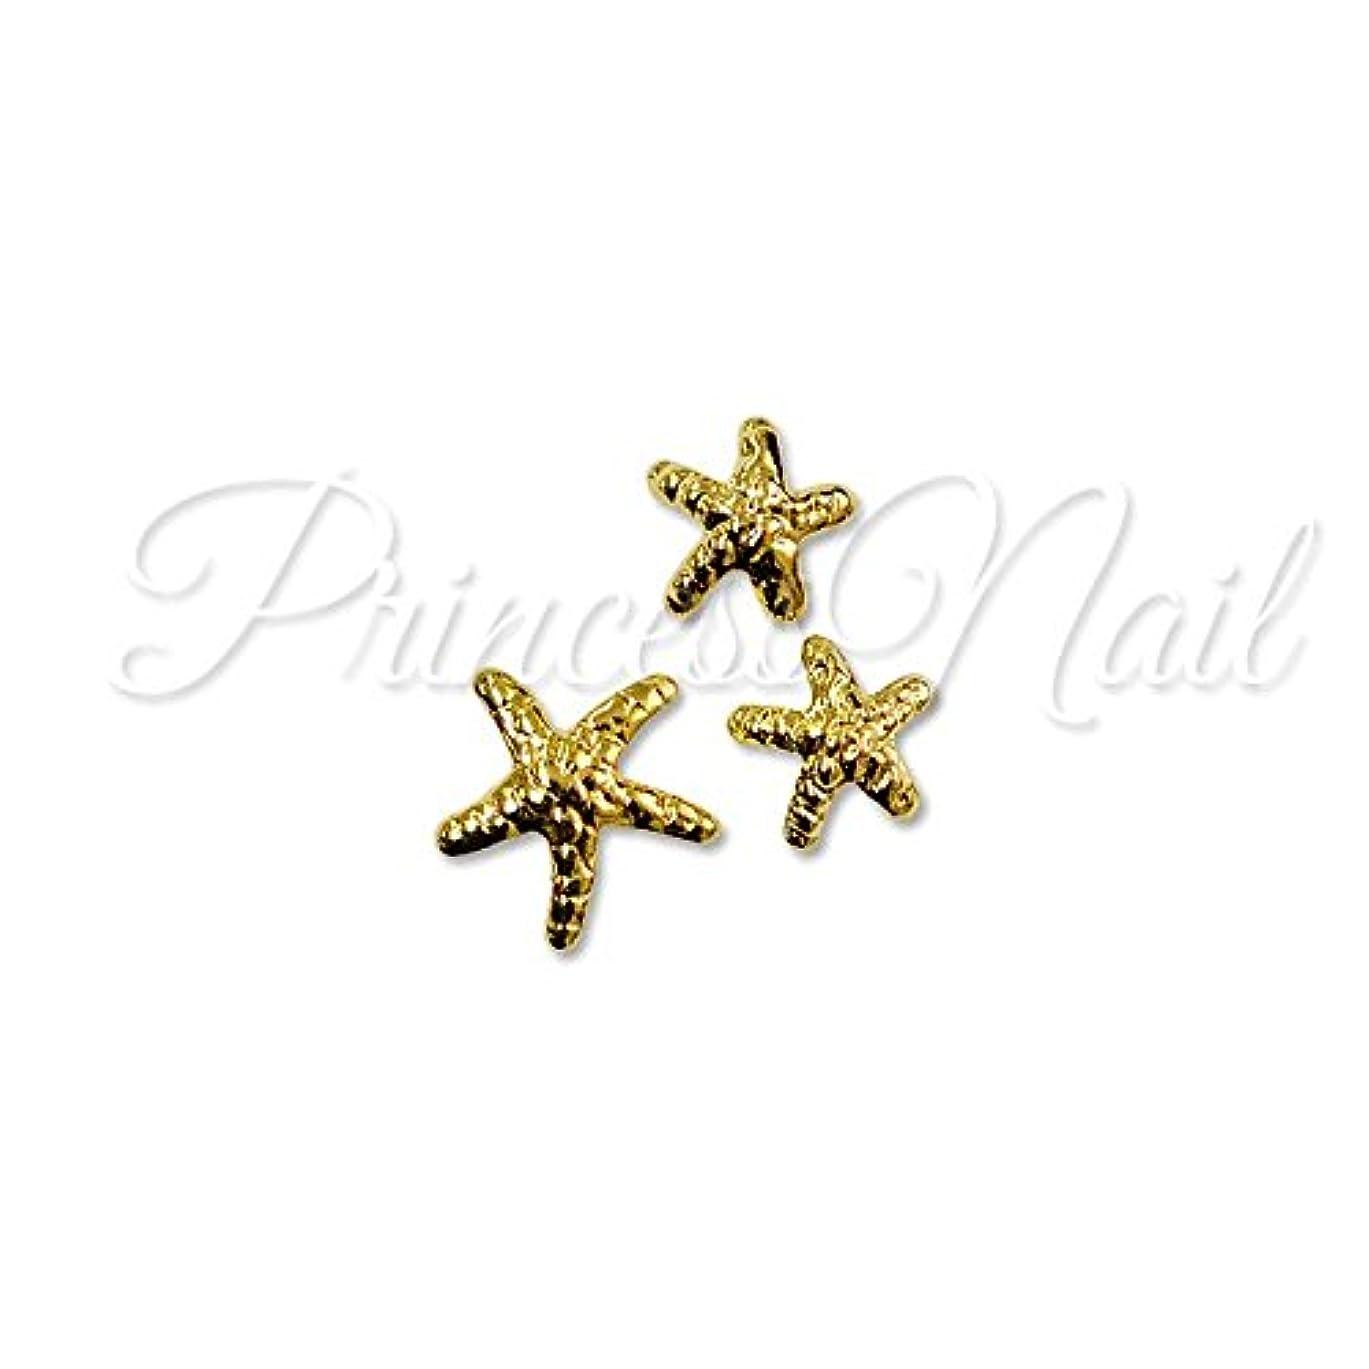 篭なめる服を洗うメタルパーツ starfish ヒトデ(ゴールド)5mmが1個+3mmが2個の合計3粒Set MP0014